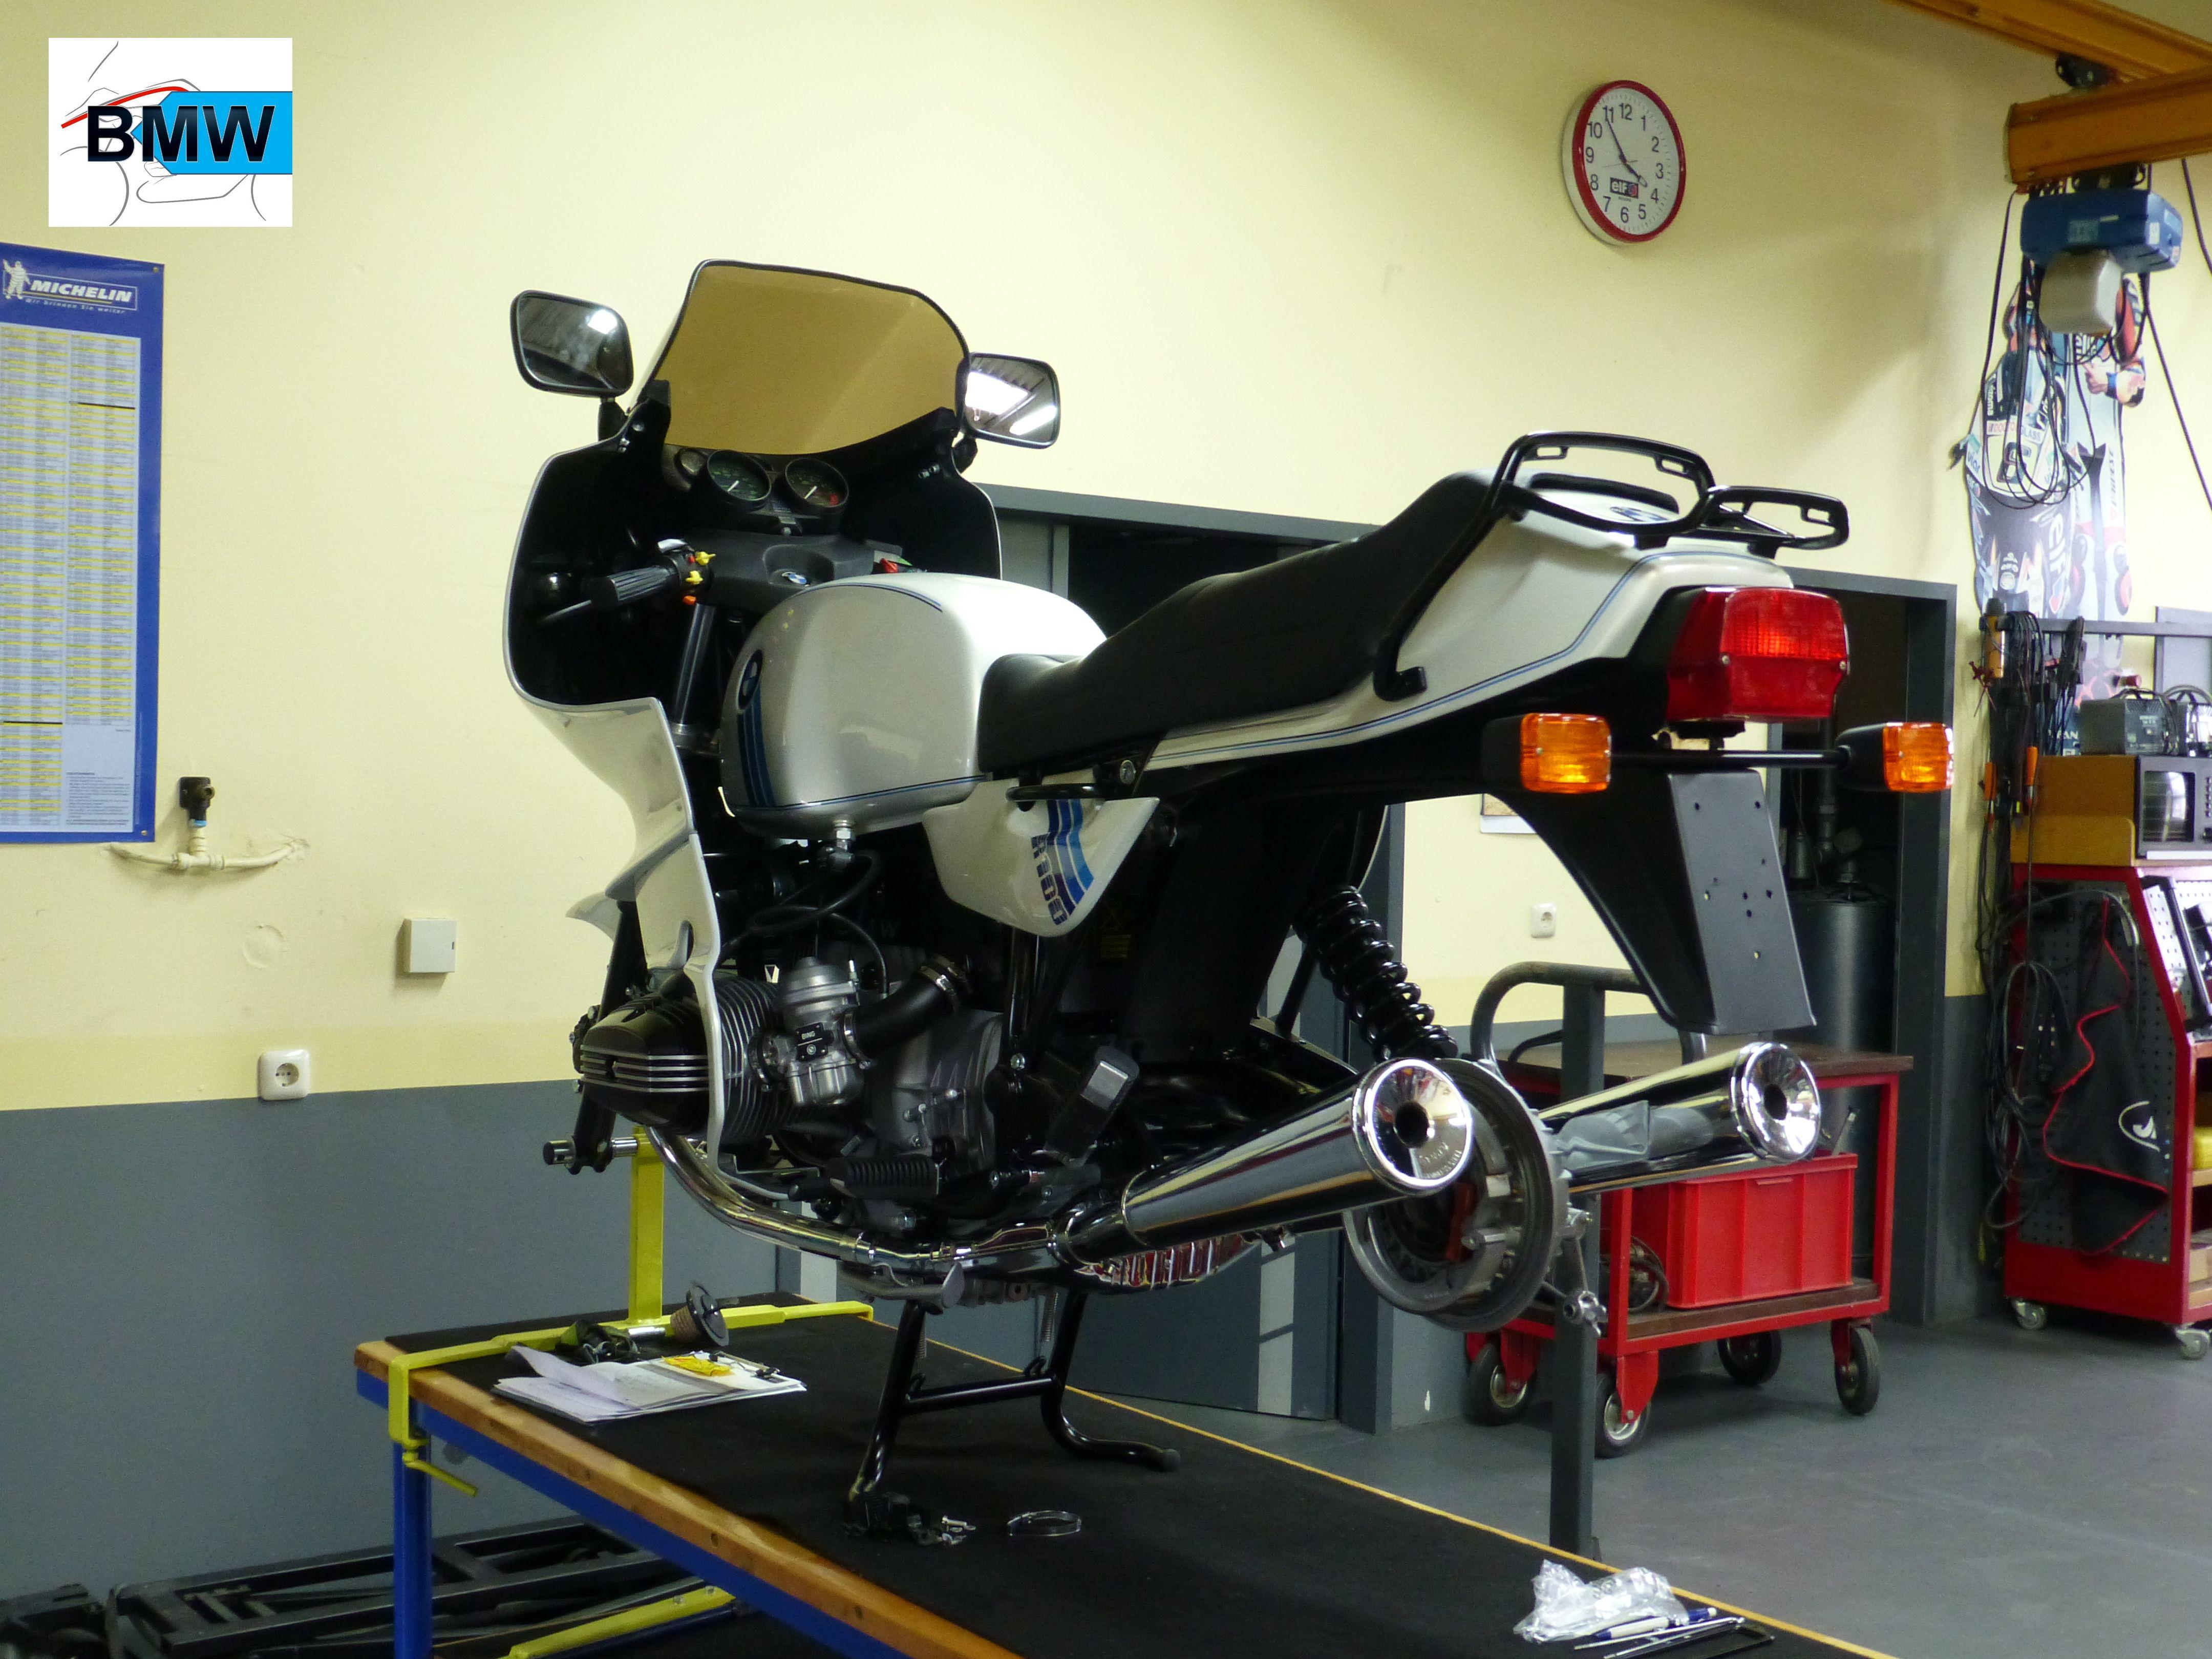 Bmw Freie Motorradwerkstatt Service Ersatzteile Zubehor